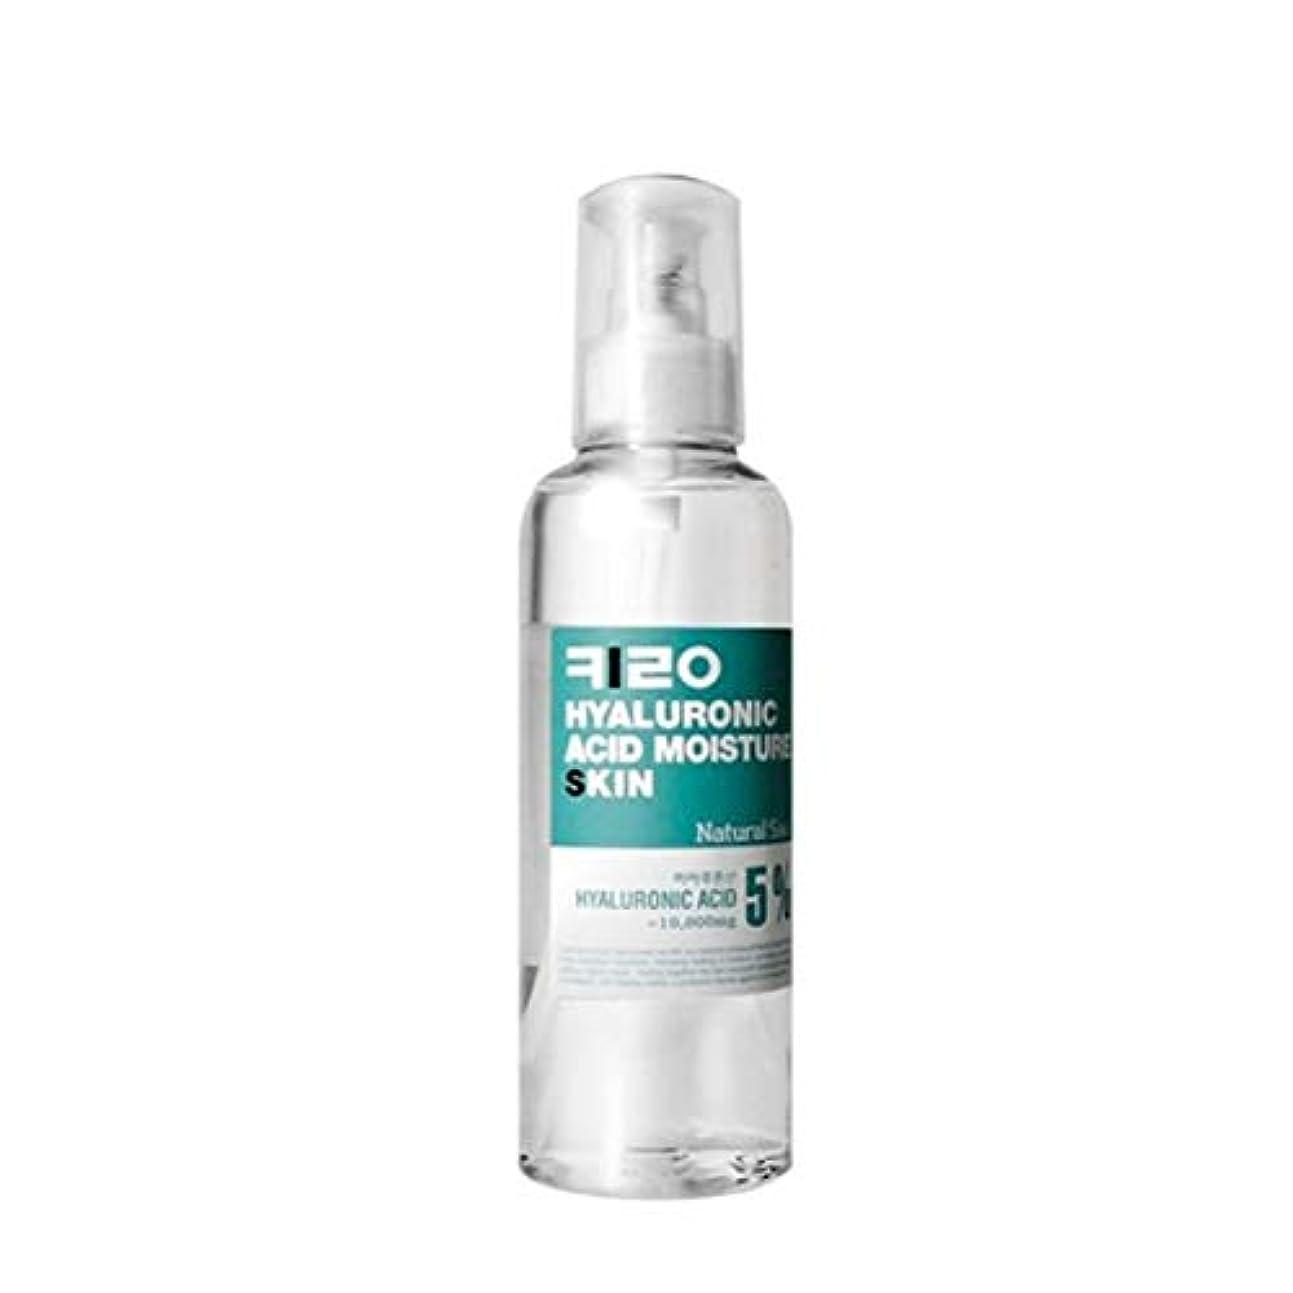 学んだ欠乏苦いナチュラルSooキーロヒアルロン酸モイスチャースキン200g韓国コスメ、Natural Soo Hyaluronic Acid Moisture Skin 200g Korean Cosmetics [並行輸入品]